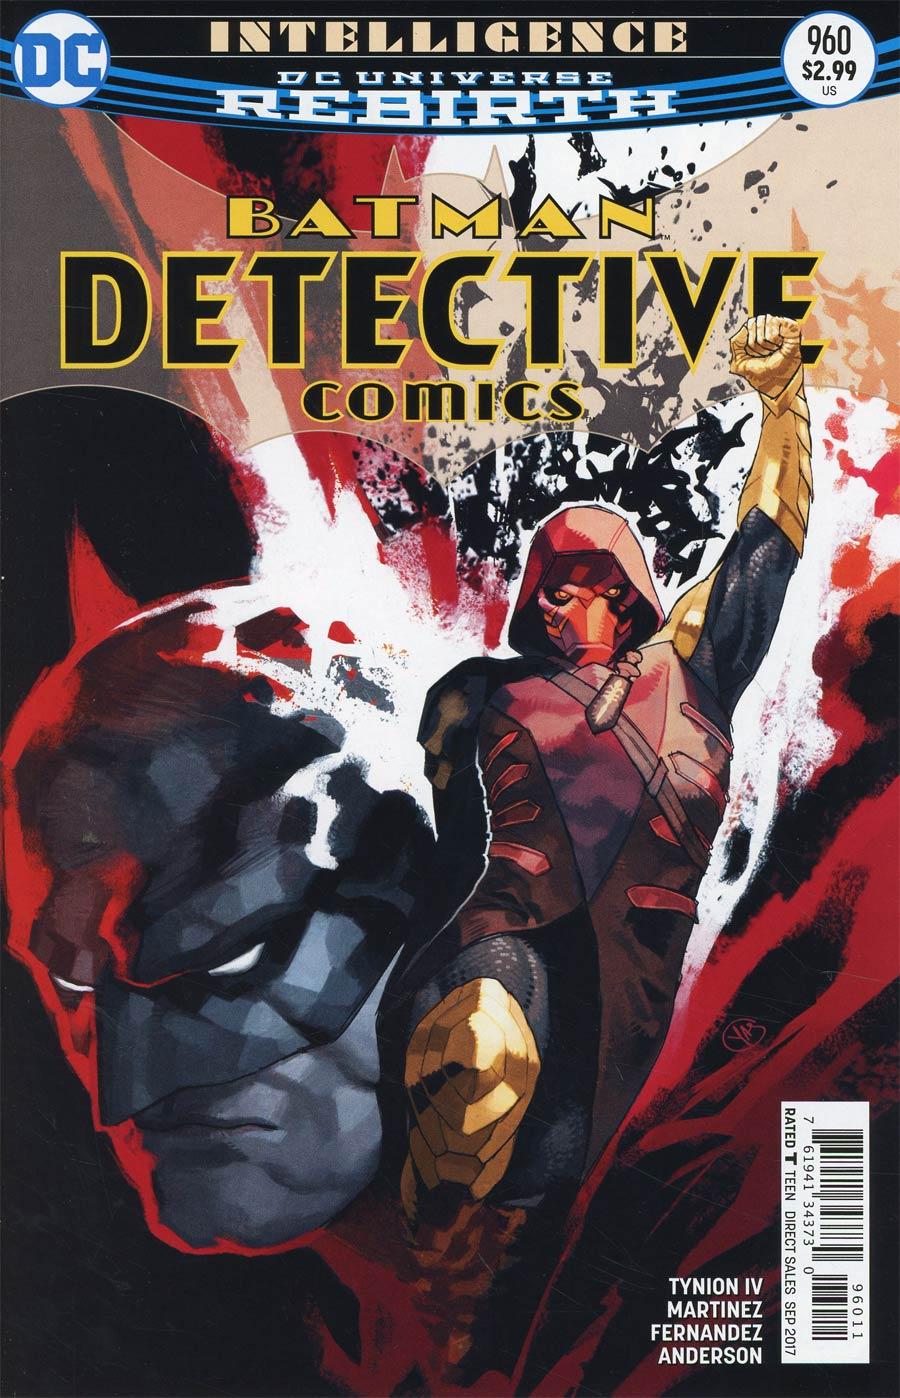 Batman - Detective Comics 960 - Intelligence 3: Short Circuit